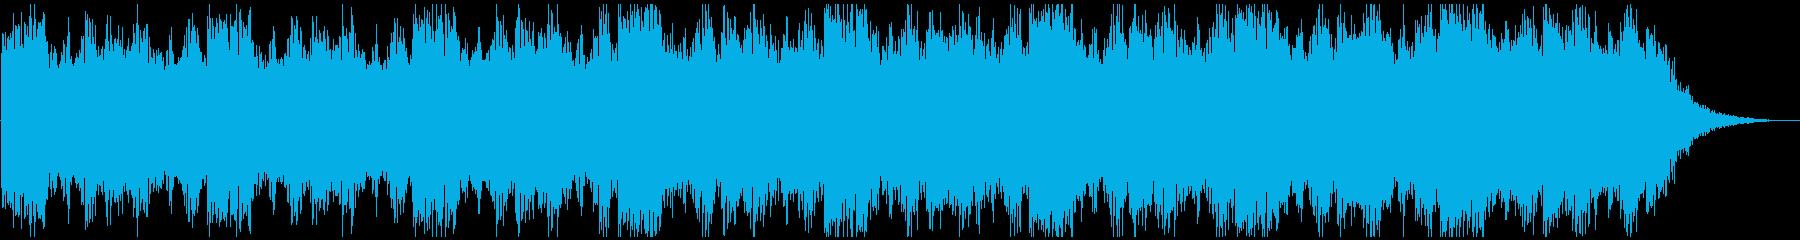 ホラーやサスペンスに最適な不気味な曲の再生済みの波形